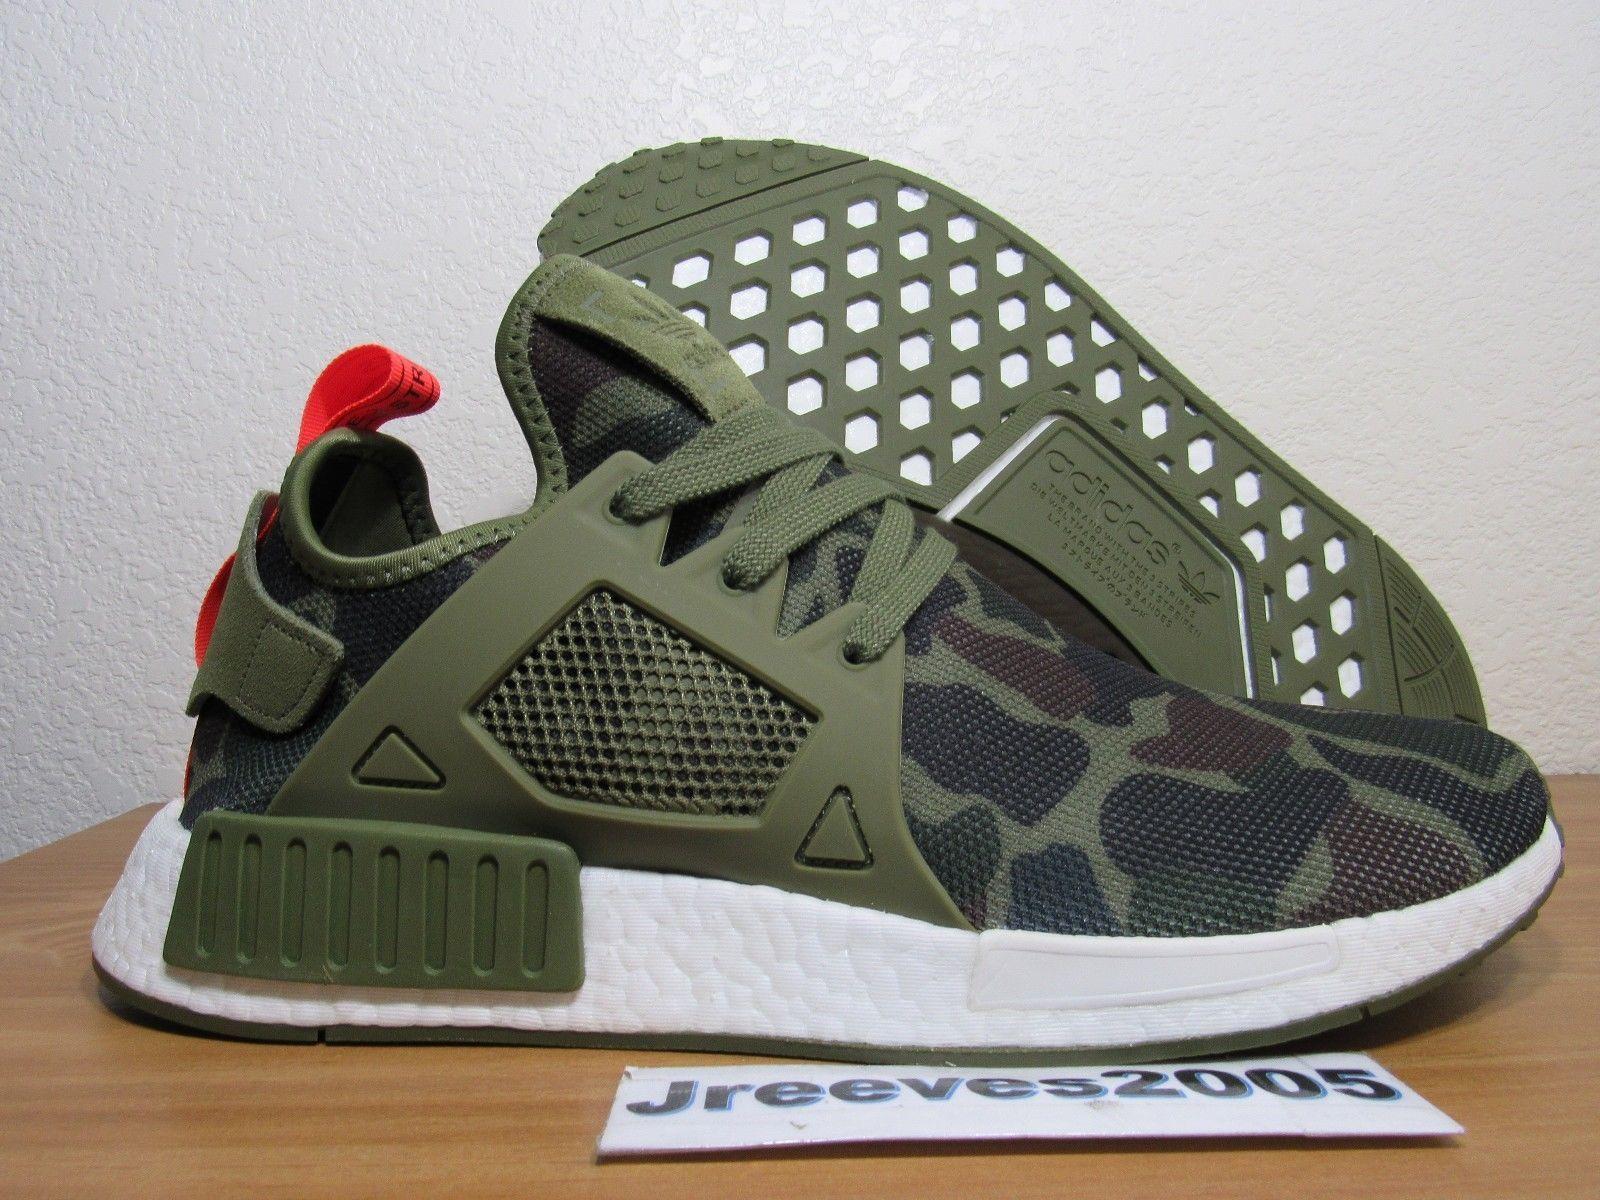 adidas nmd pk japan yeezy boost 350 turtledove 11